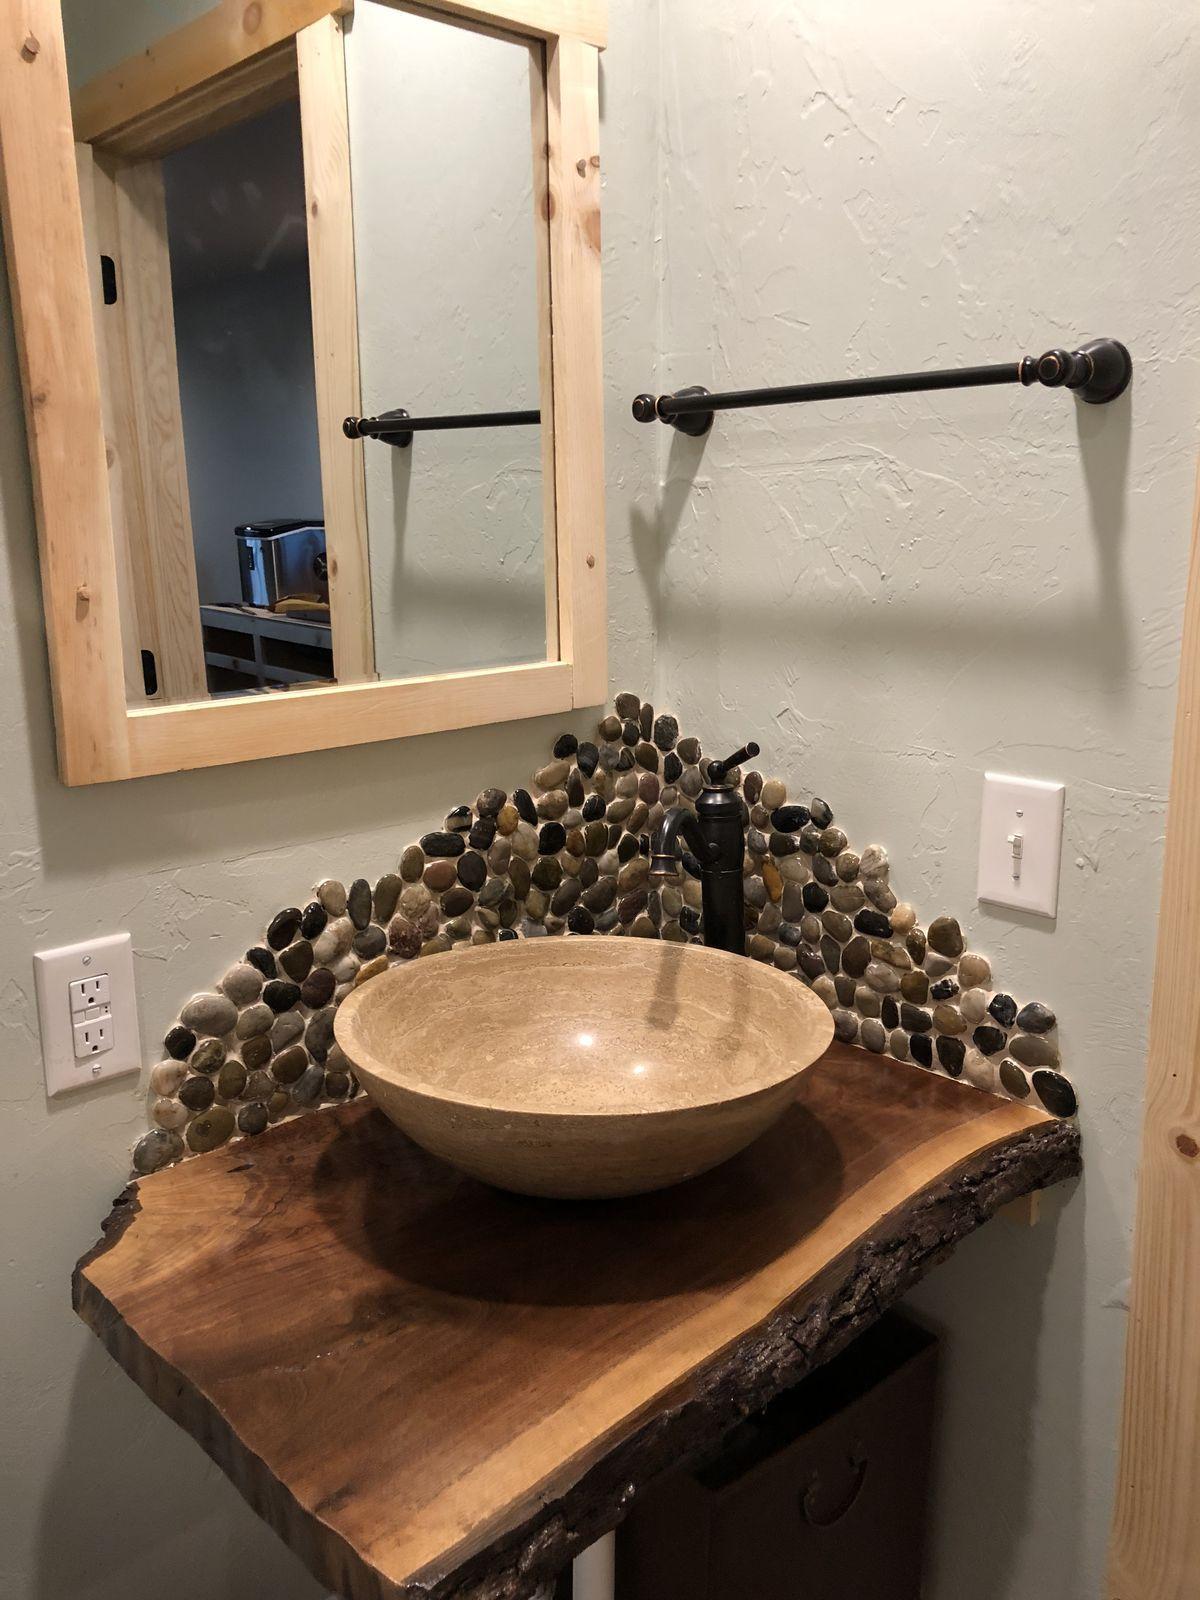 C8292a23dcebc0db3a5353adb404fc08 Jpg 1 200 1 600 Pixels Stone Backsplash Bathroom Bathroom Backsplash Rock Backsplash